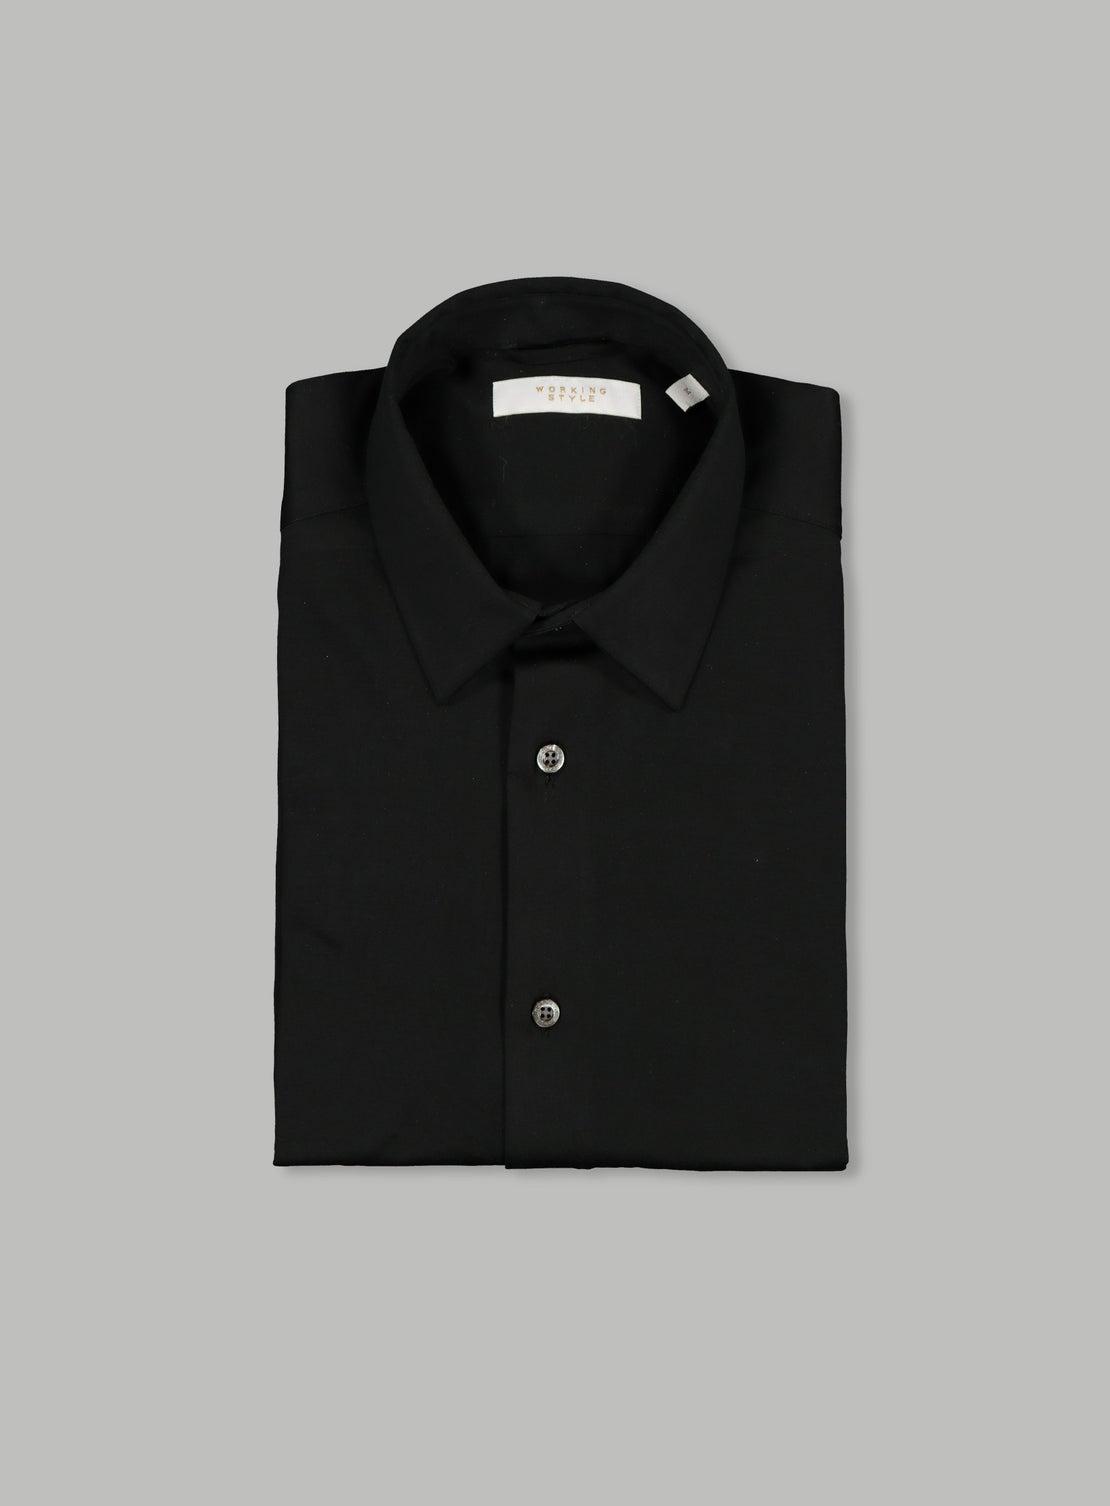 Black Mercerized Knit Shirt